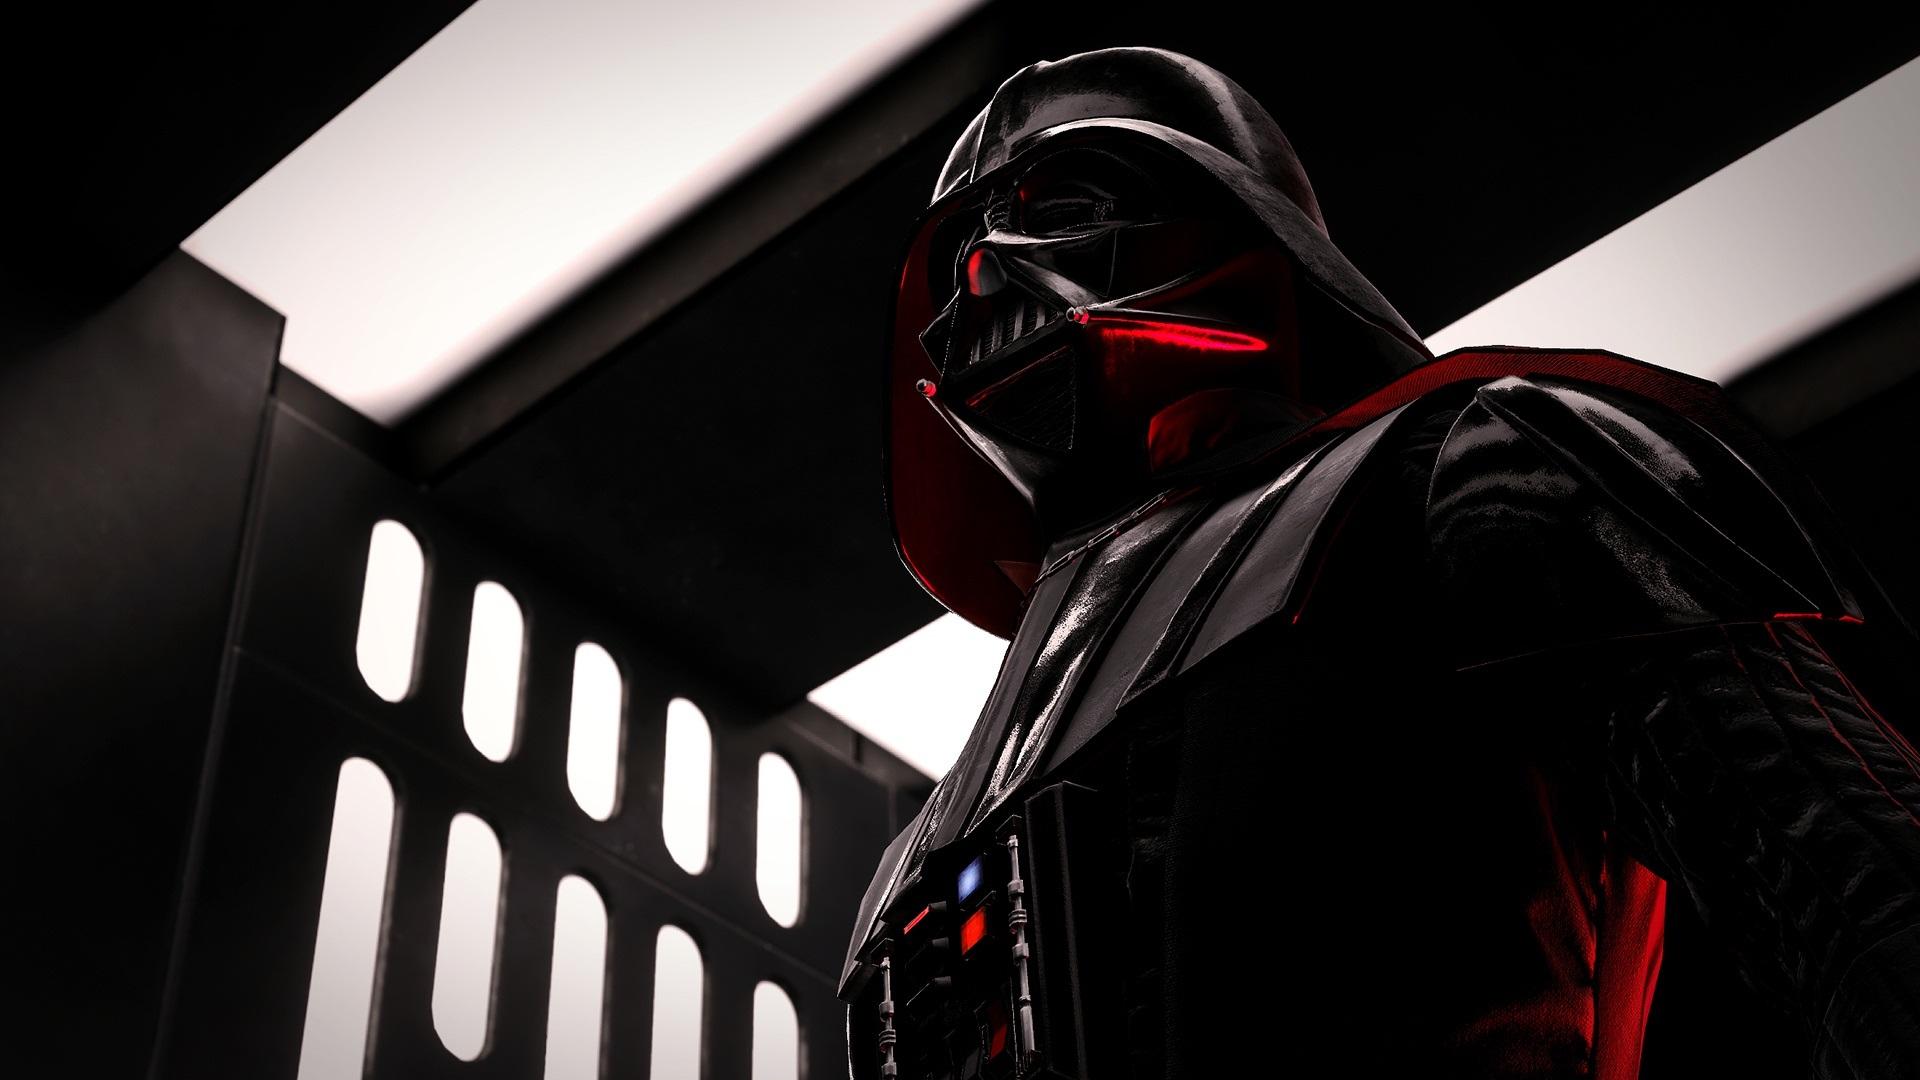 Wallpaper Darth Vader Ea Games Star Wars Battlefront 1920x1080 Full Hd 2k Picture Image